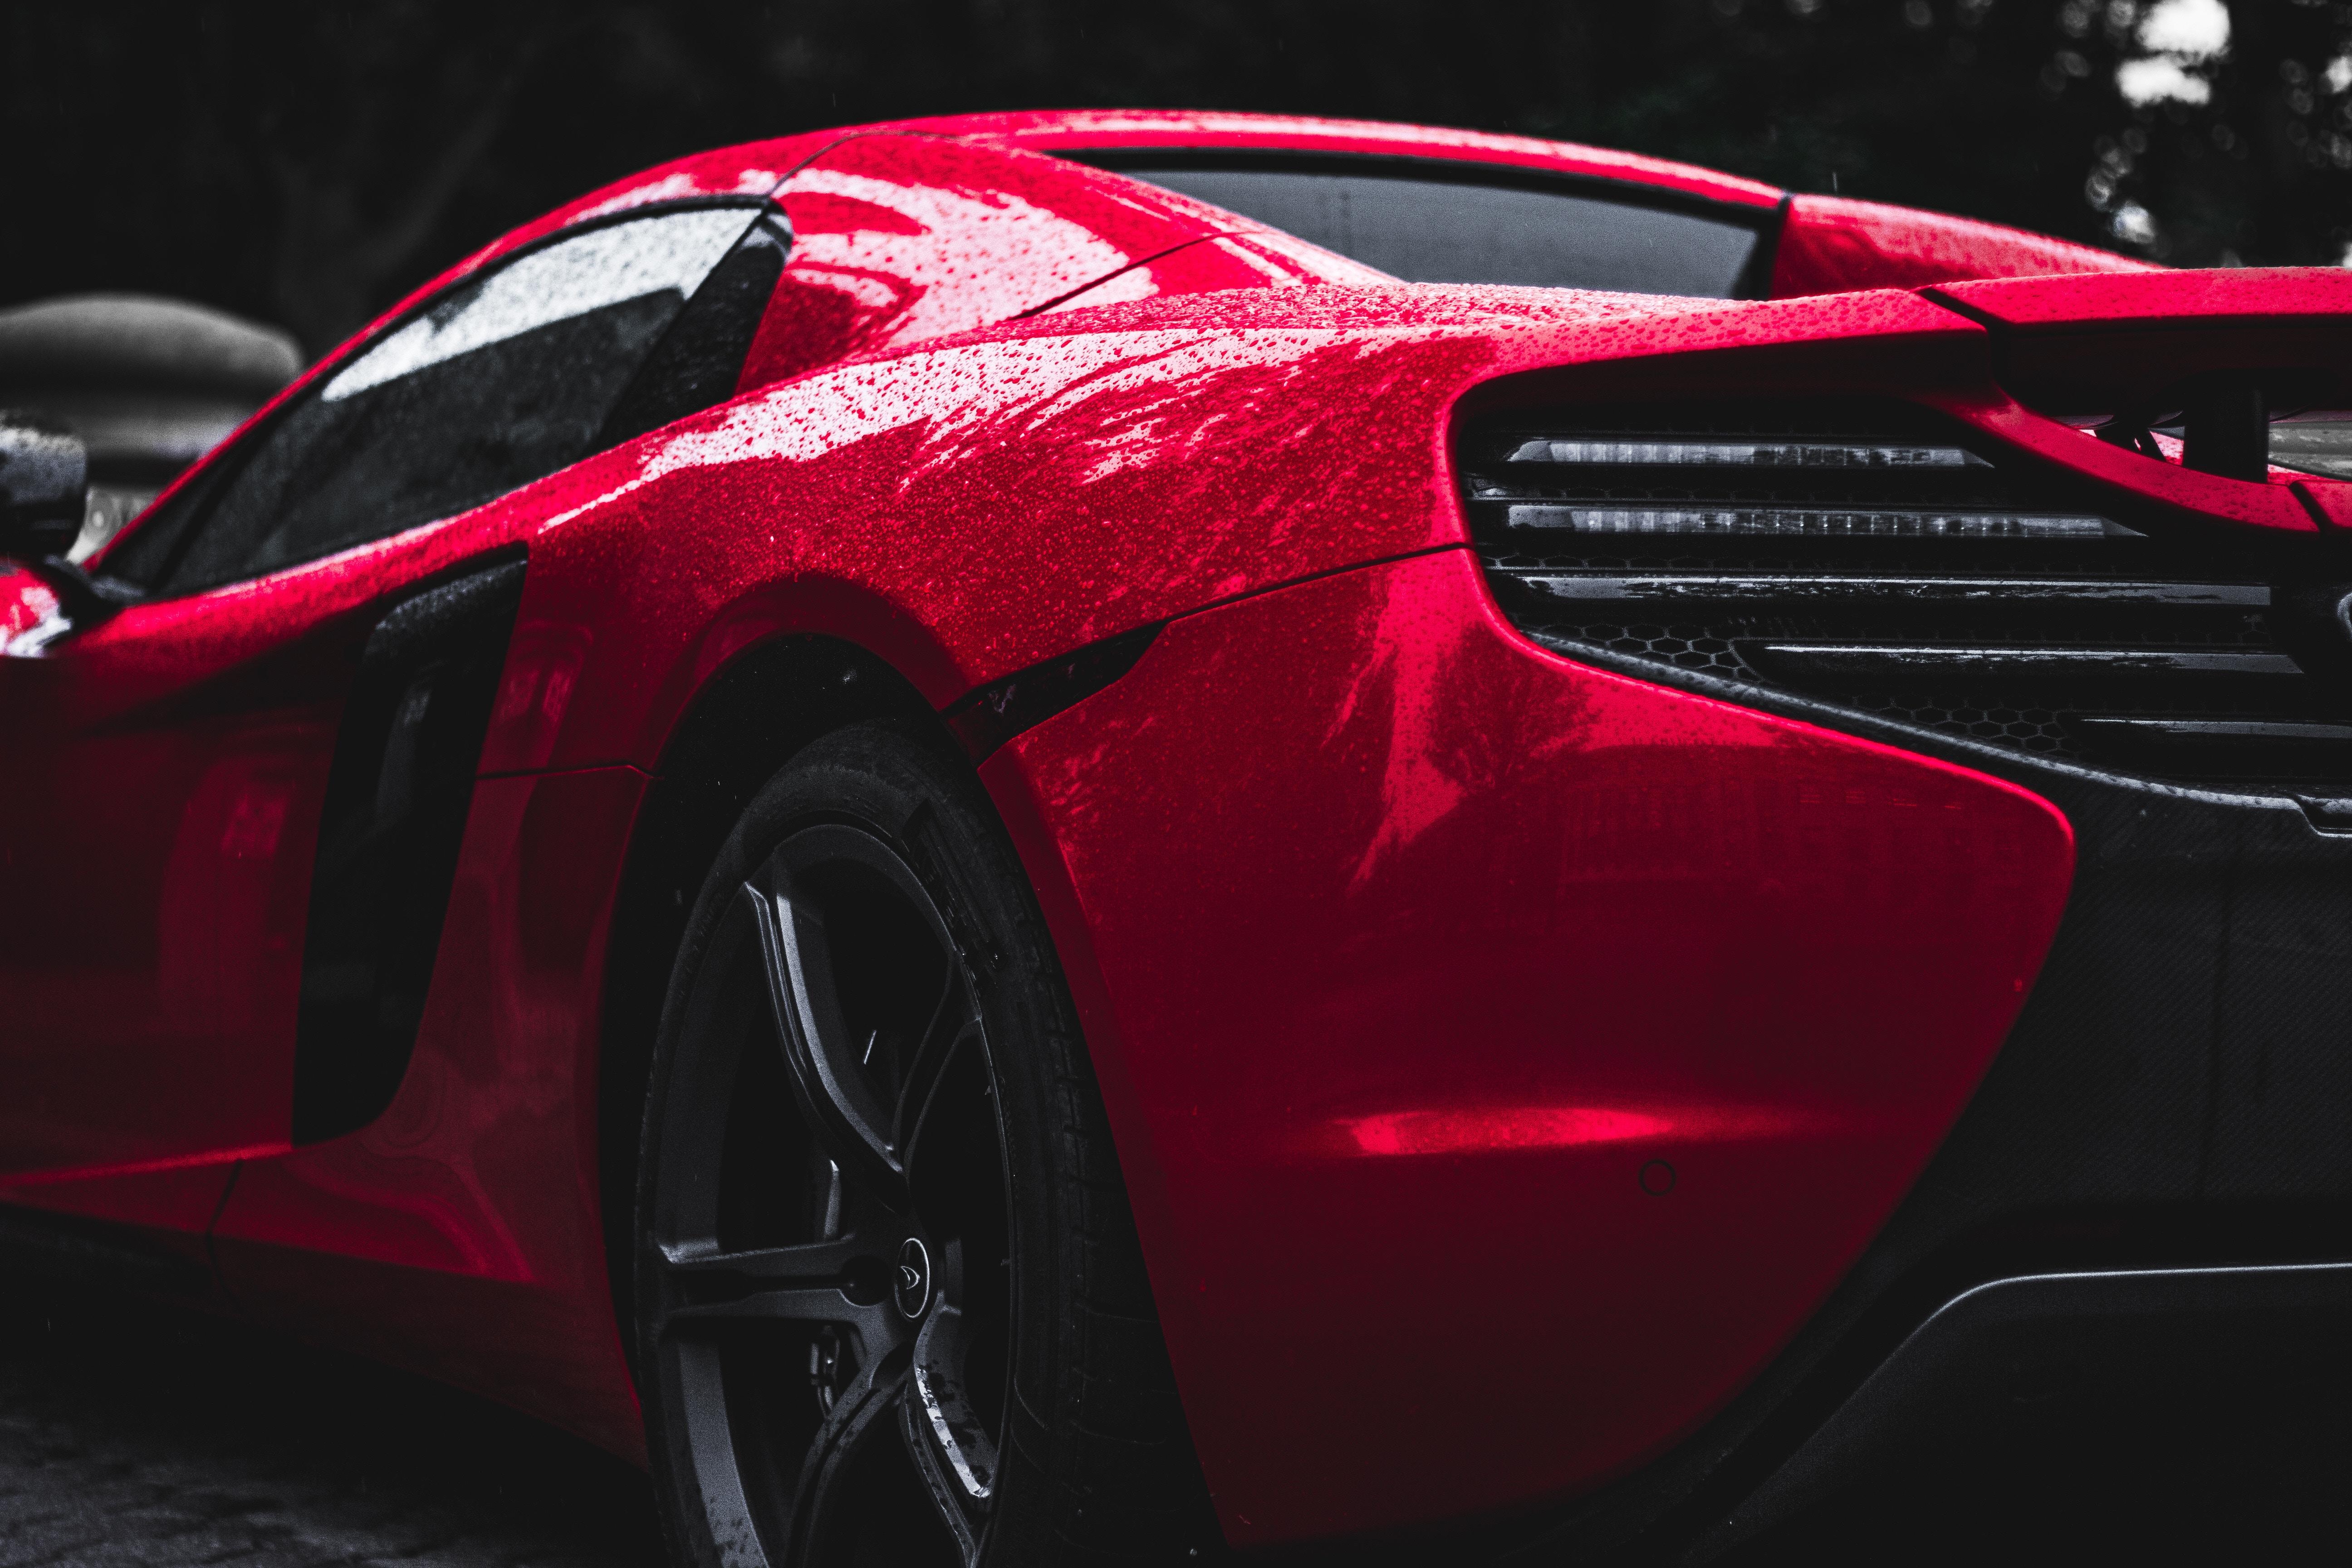 97735 Hintergrundbild herunterladen Sport, Auto, Drops, Cars, Sportwagen, Seitenansicht, Rad - Bildschirmschoner und Bilder kostenlos